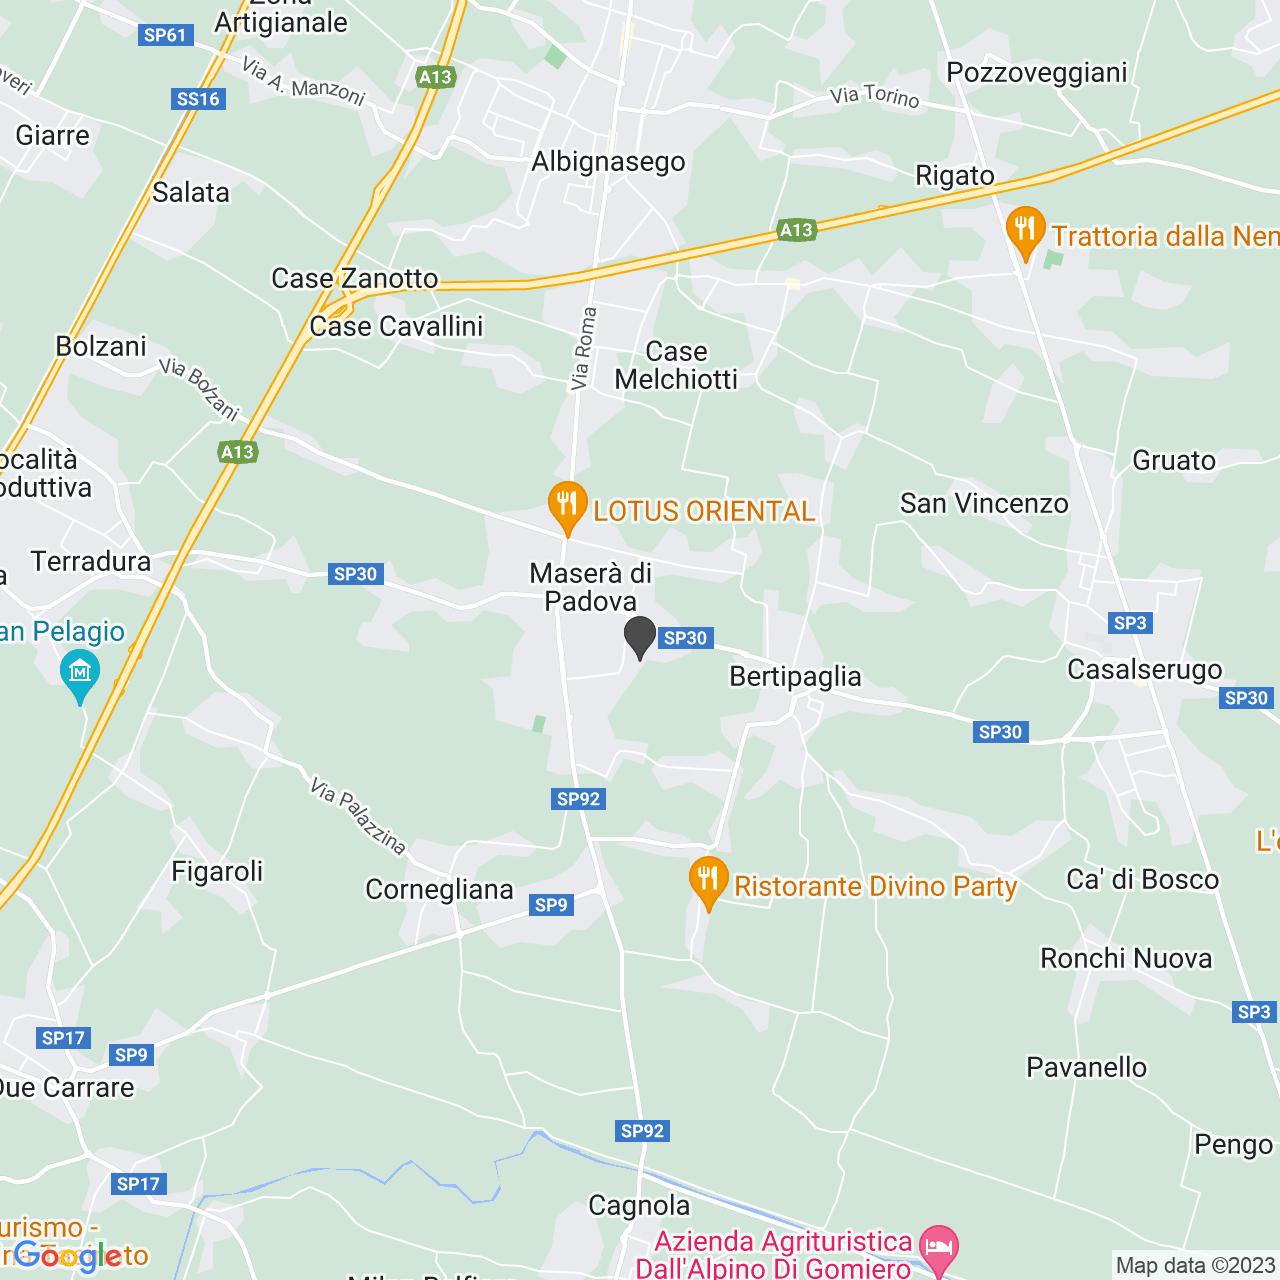 CROCE ROSSA ITALIANA - COMITATO DI MASERA' DI PADOVA - ORGANIZZAZIONE DI VOLONTARIATO